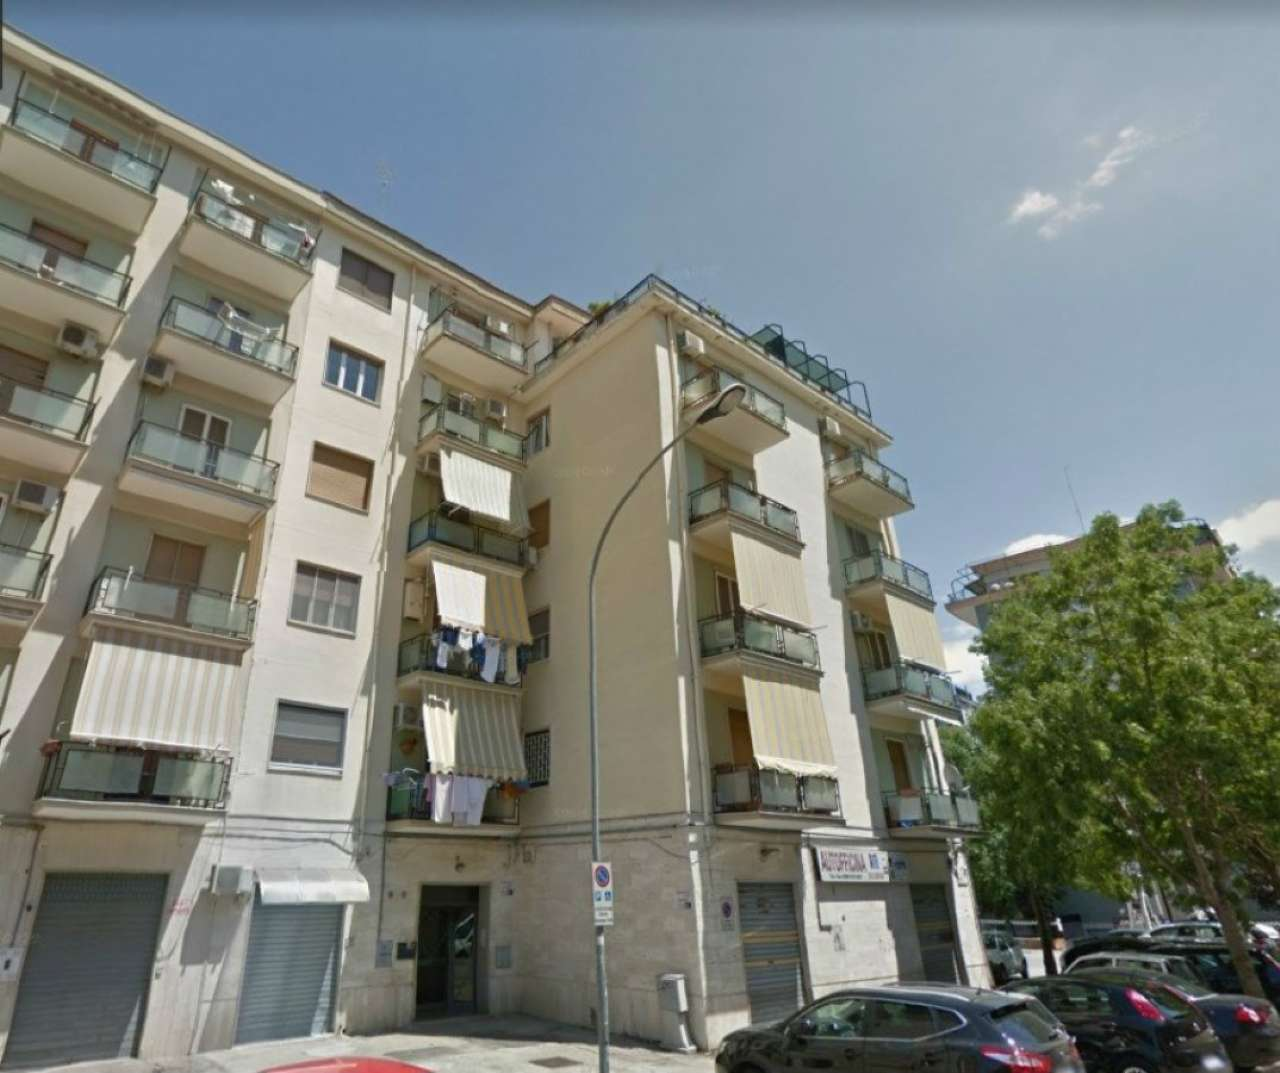 Appartamento, via luigi gissi, Affitto/Cessione - Foggia